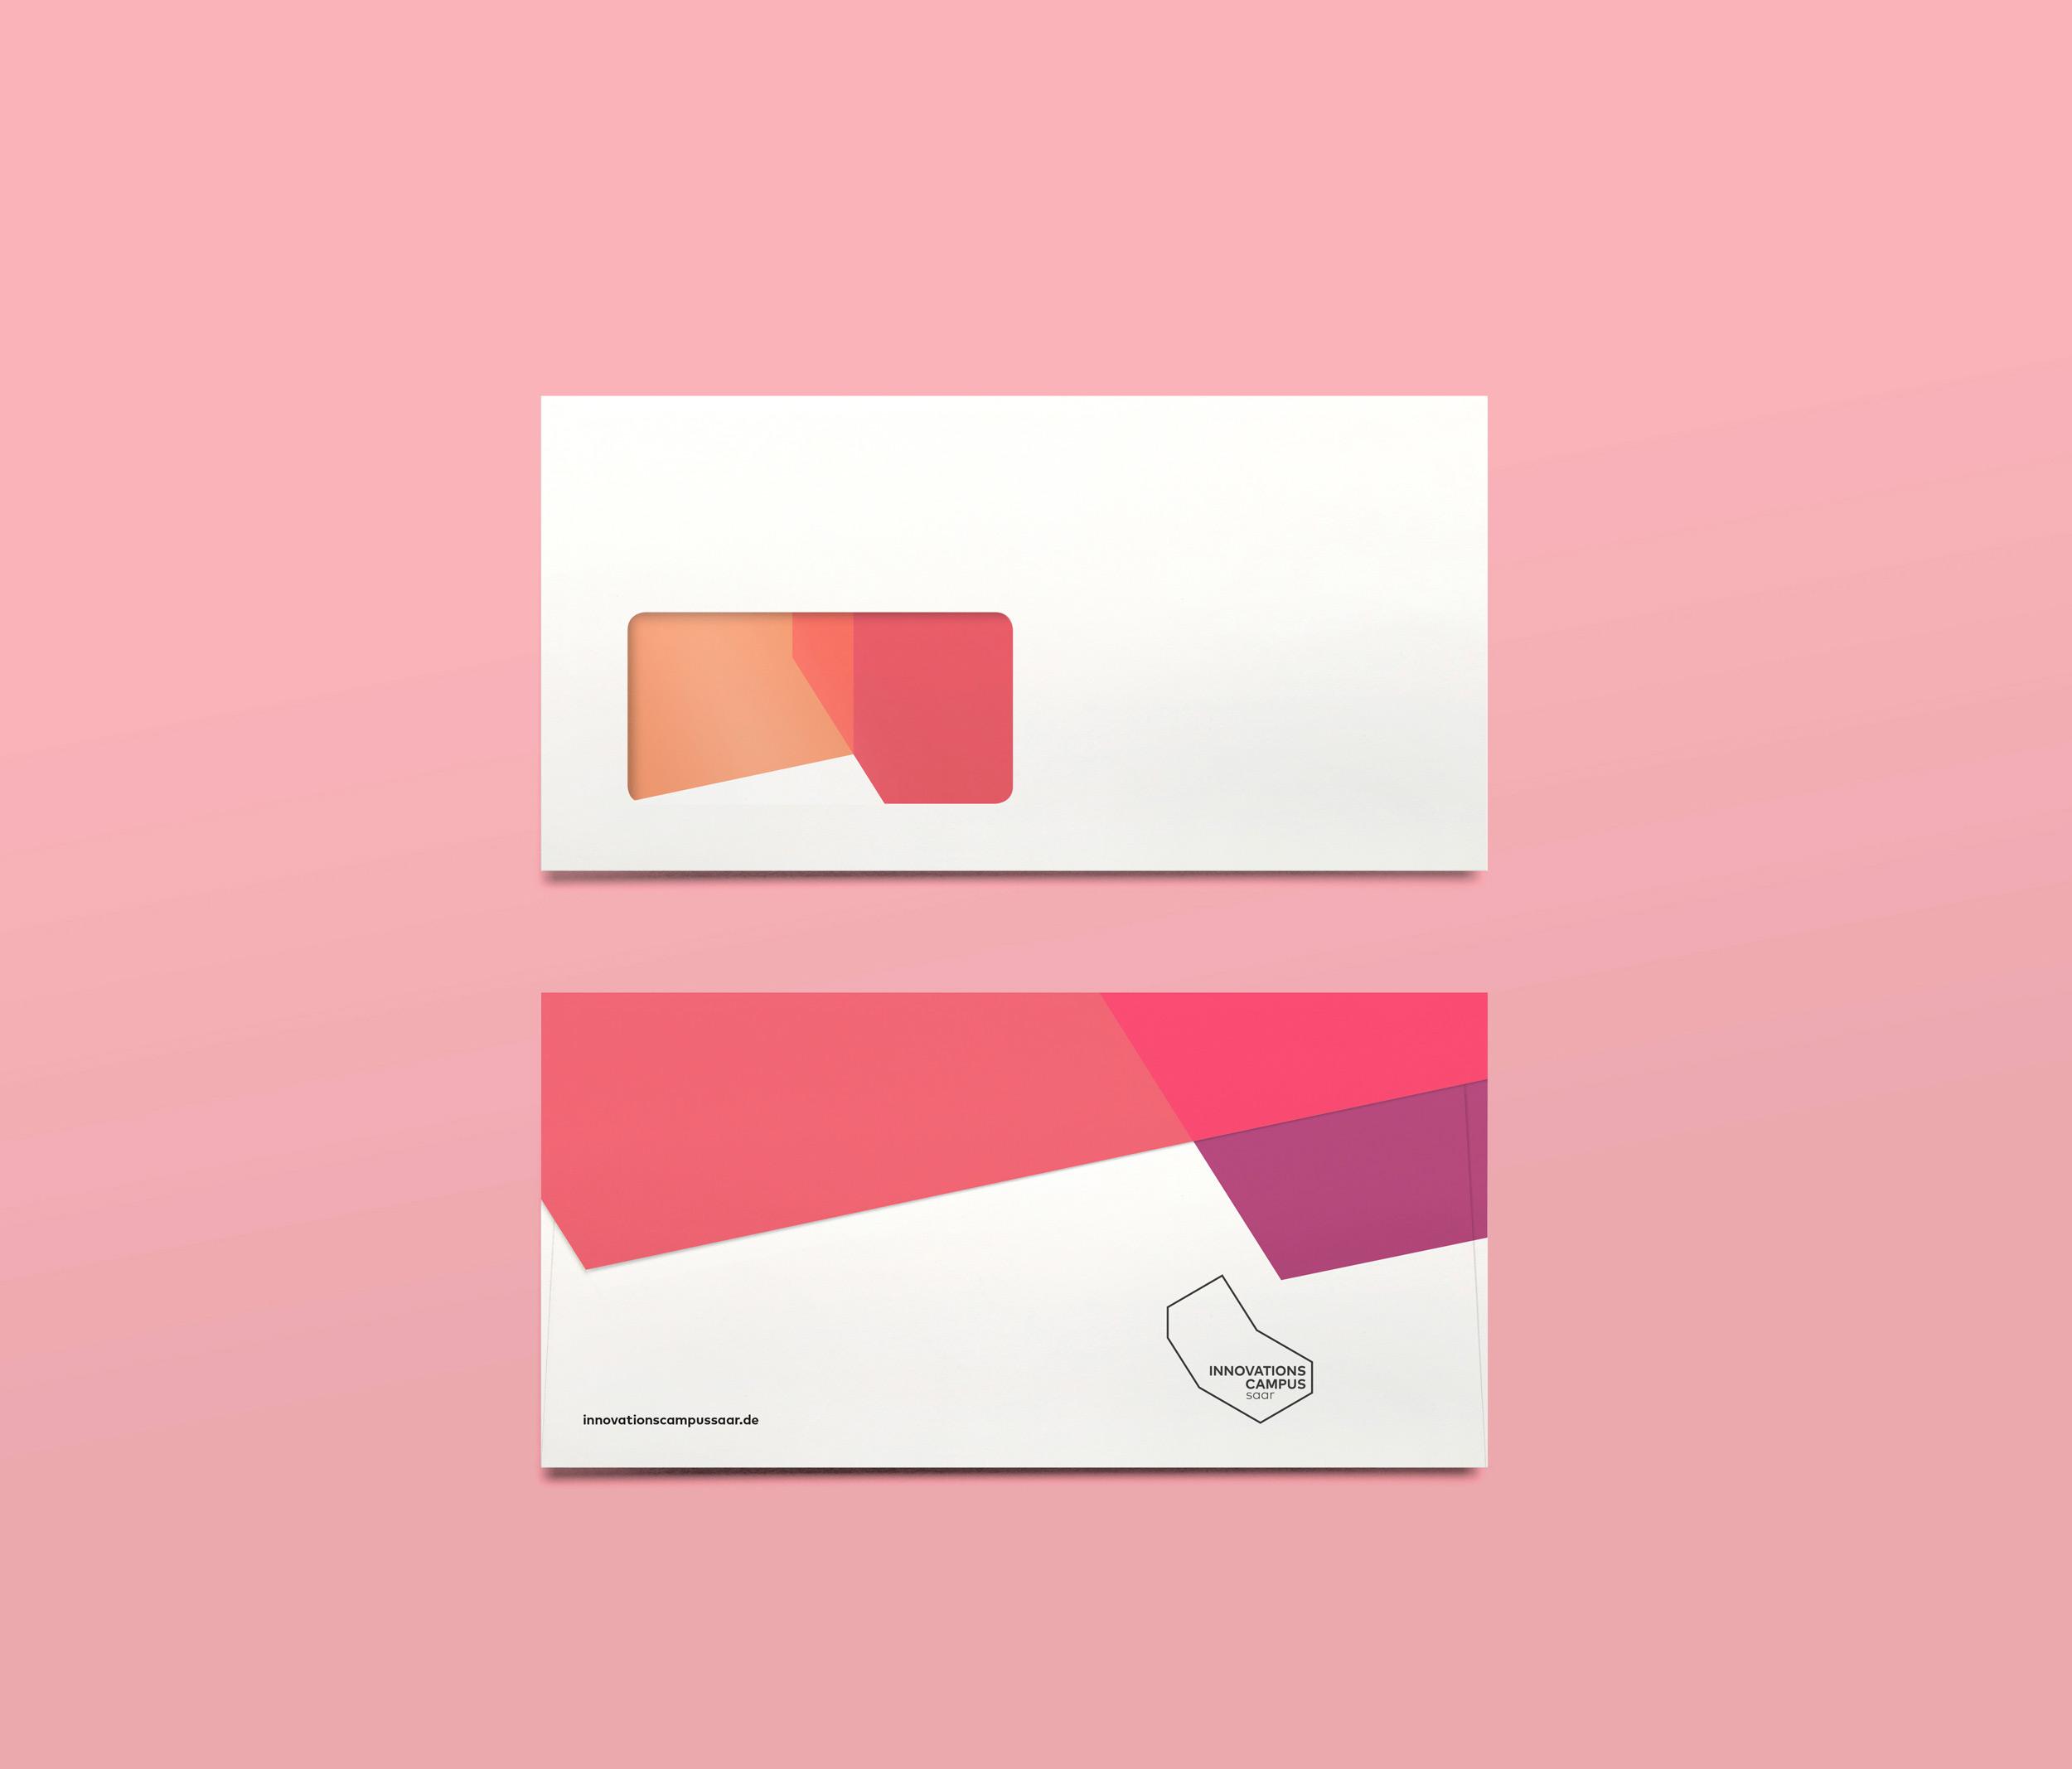 ics-envelop